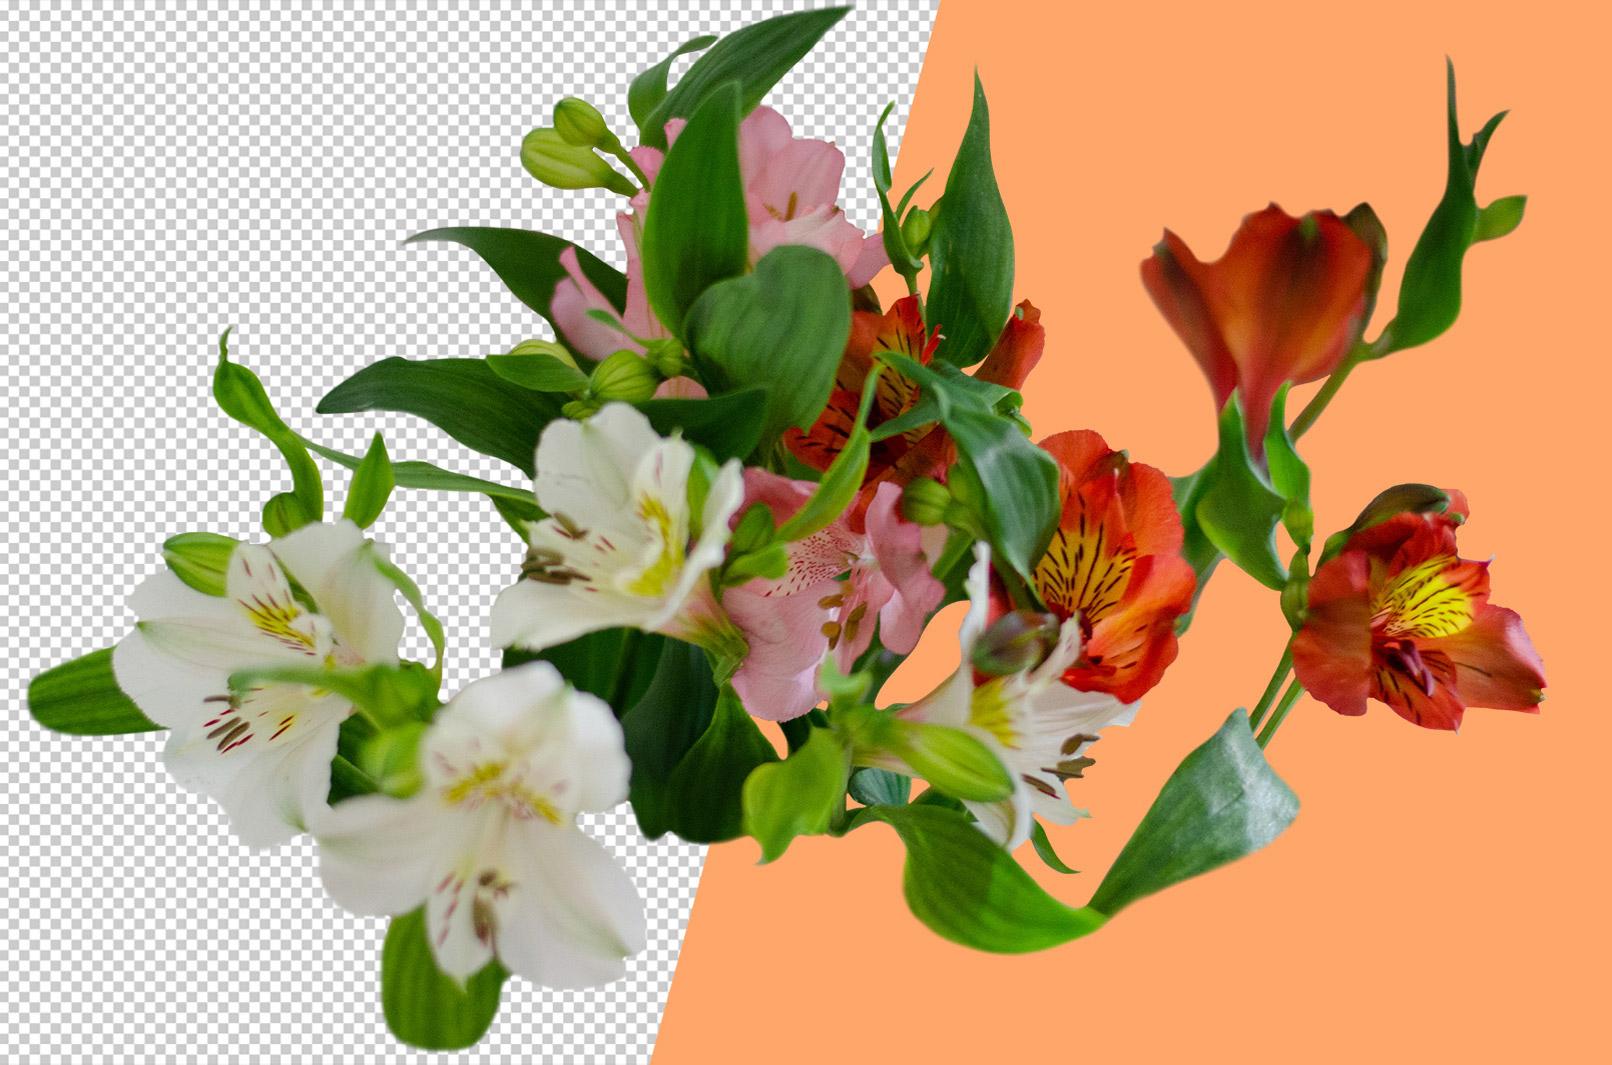 Bild einer Inkalilie, das zeigt, dass die Blumen freigestellt sind